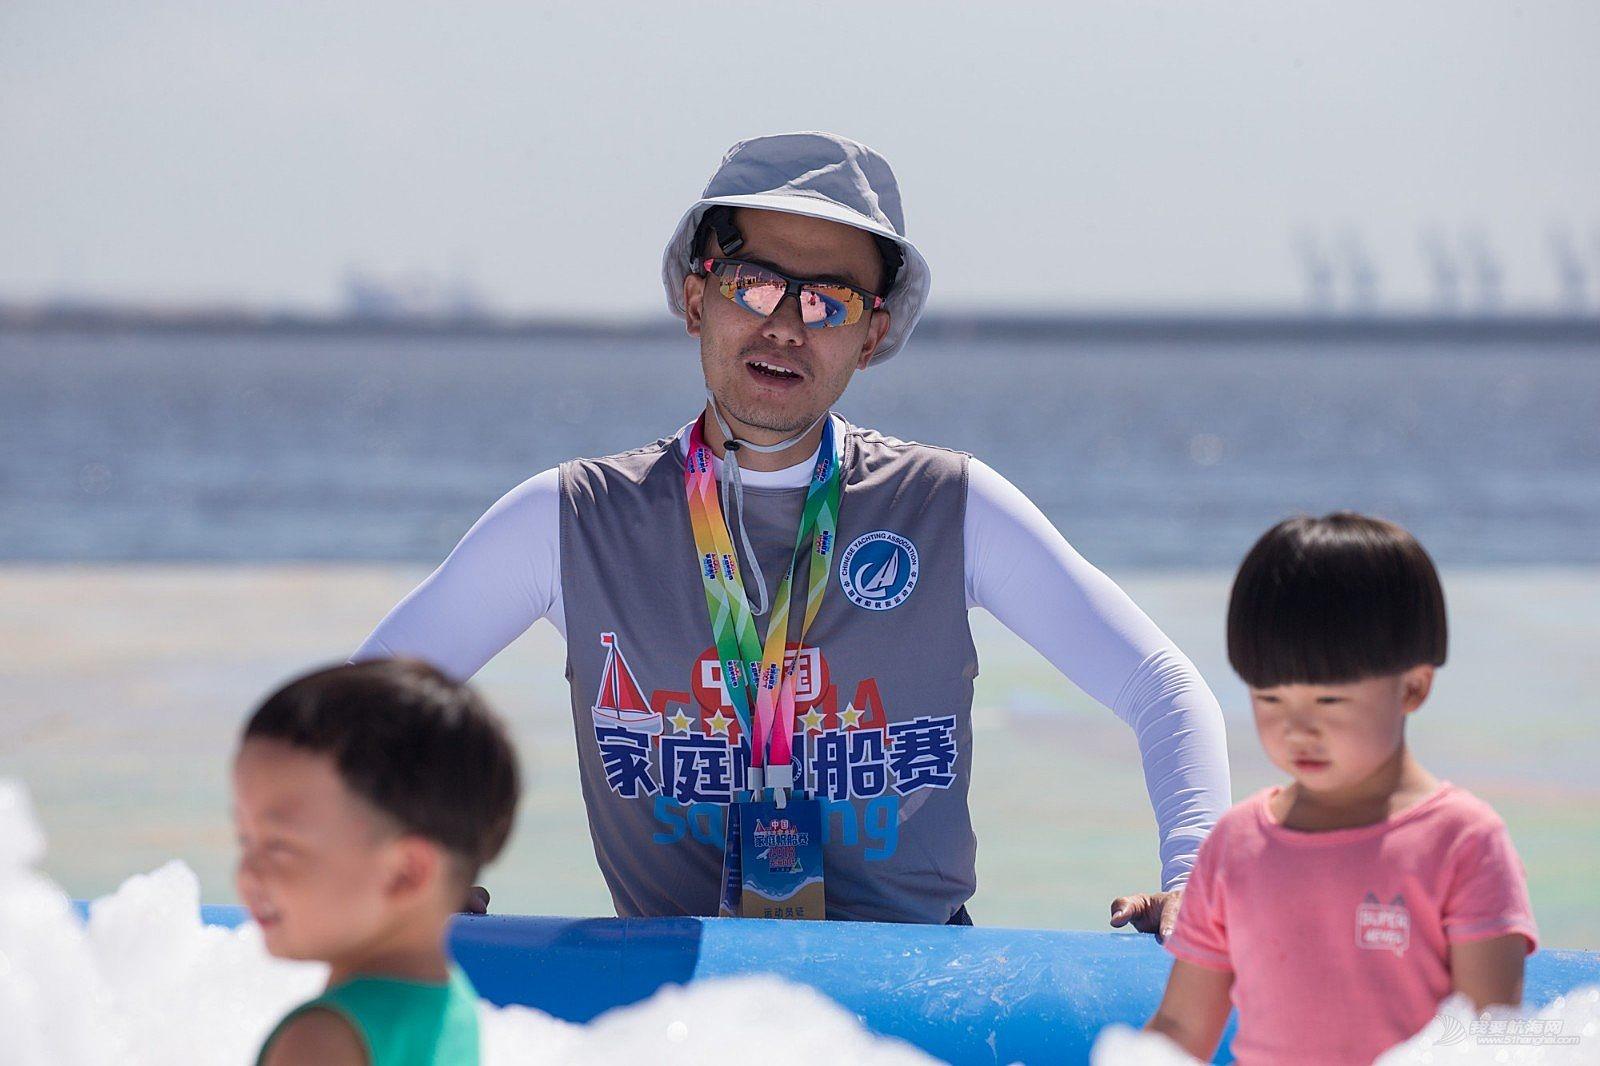 中国家庭帆船赛 大碟首发-2018中国家庭帆船赛天津站-天海风杯精彩视频集锦